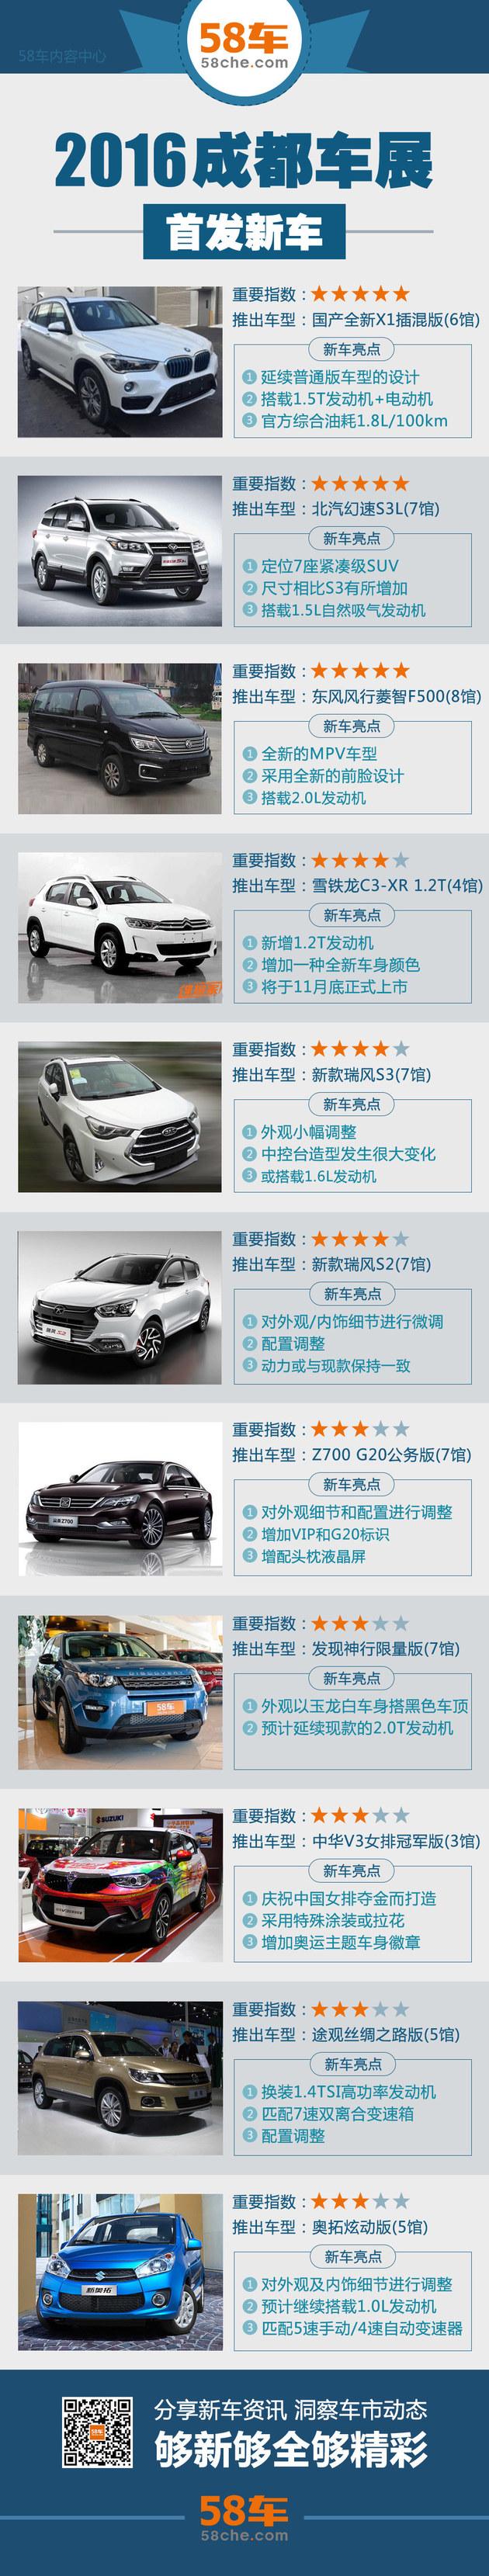 国产X1混动版领衔 成都车展首发车(下)